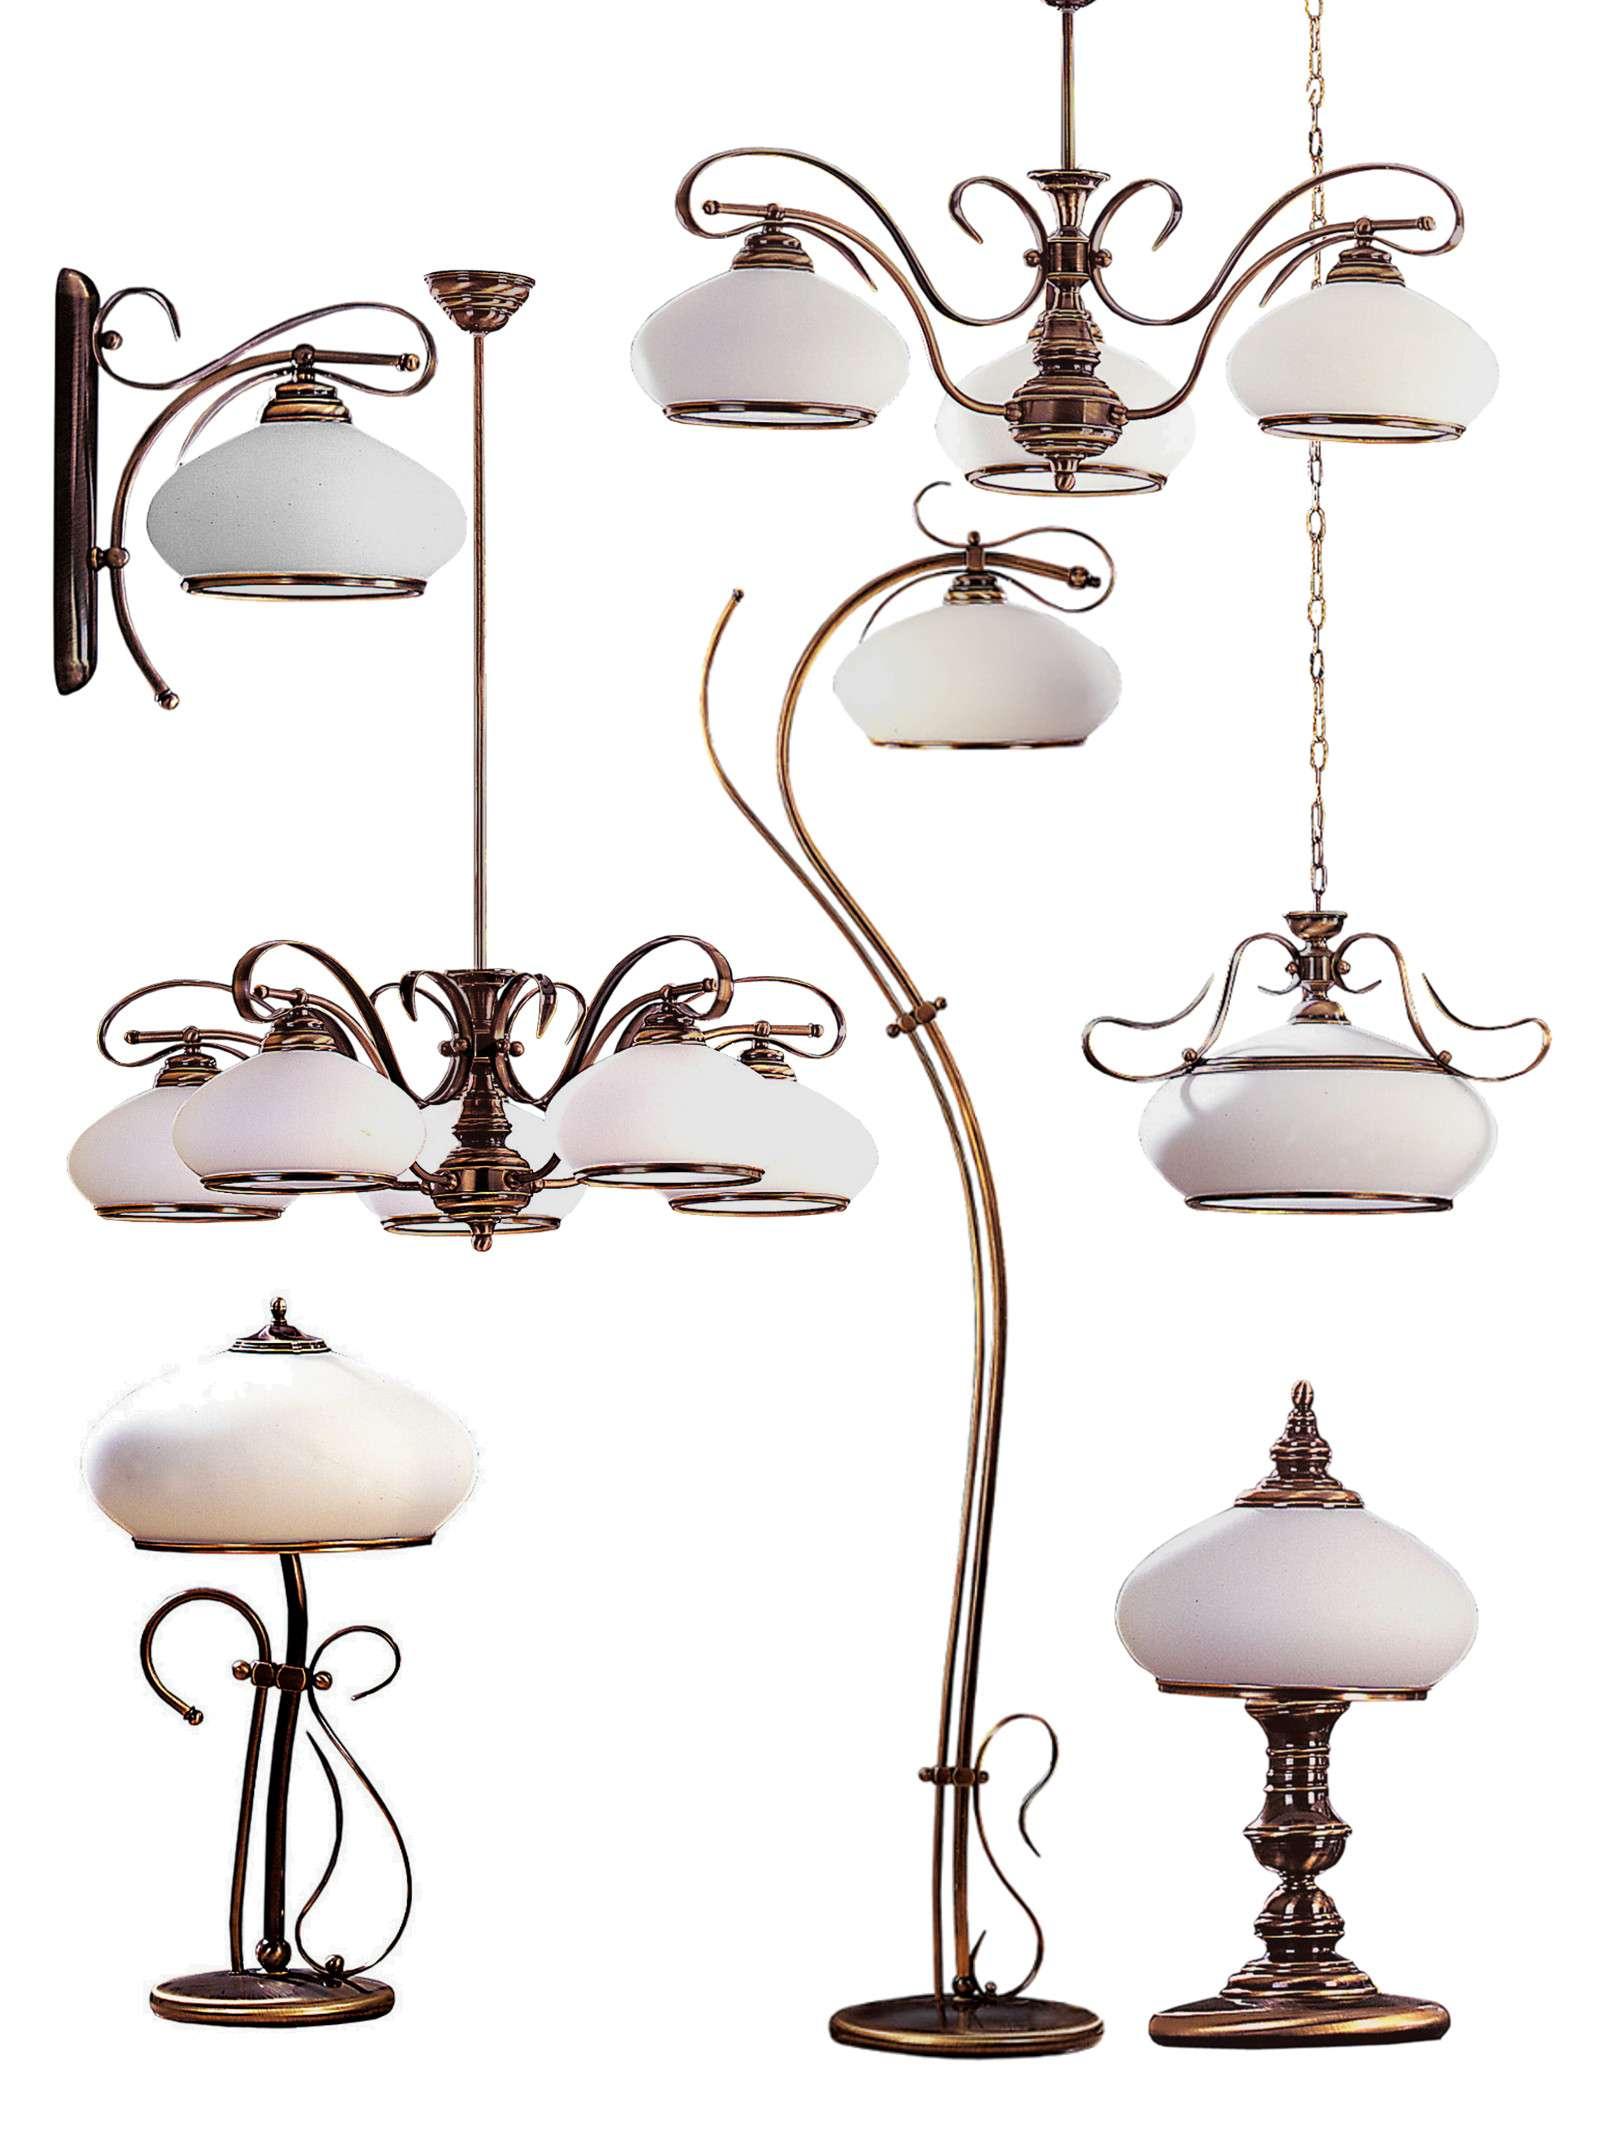 rustikale deckenlampe kronleuchter l ster retro landhaus. Black Bedroom Furniture Sets. Home Design Ideas